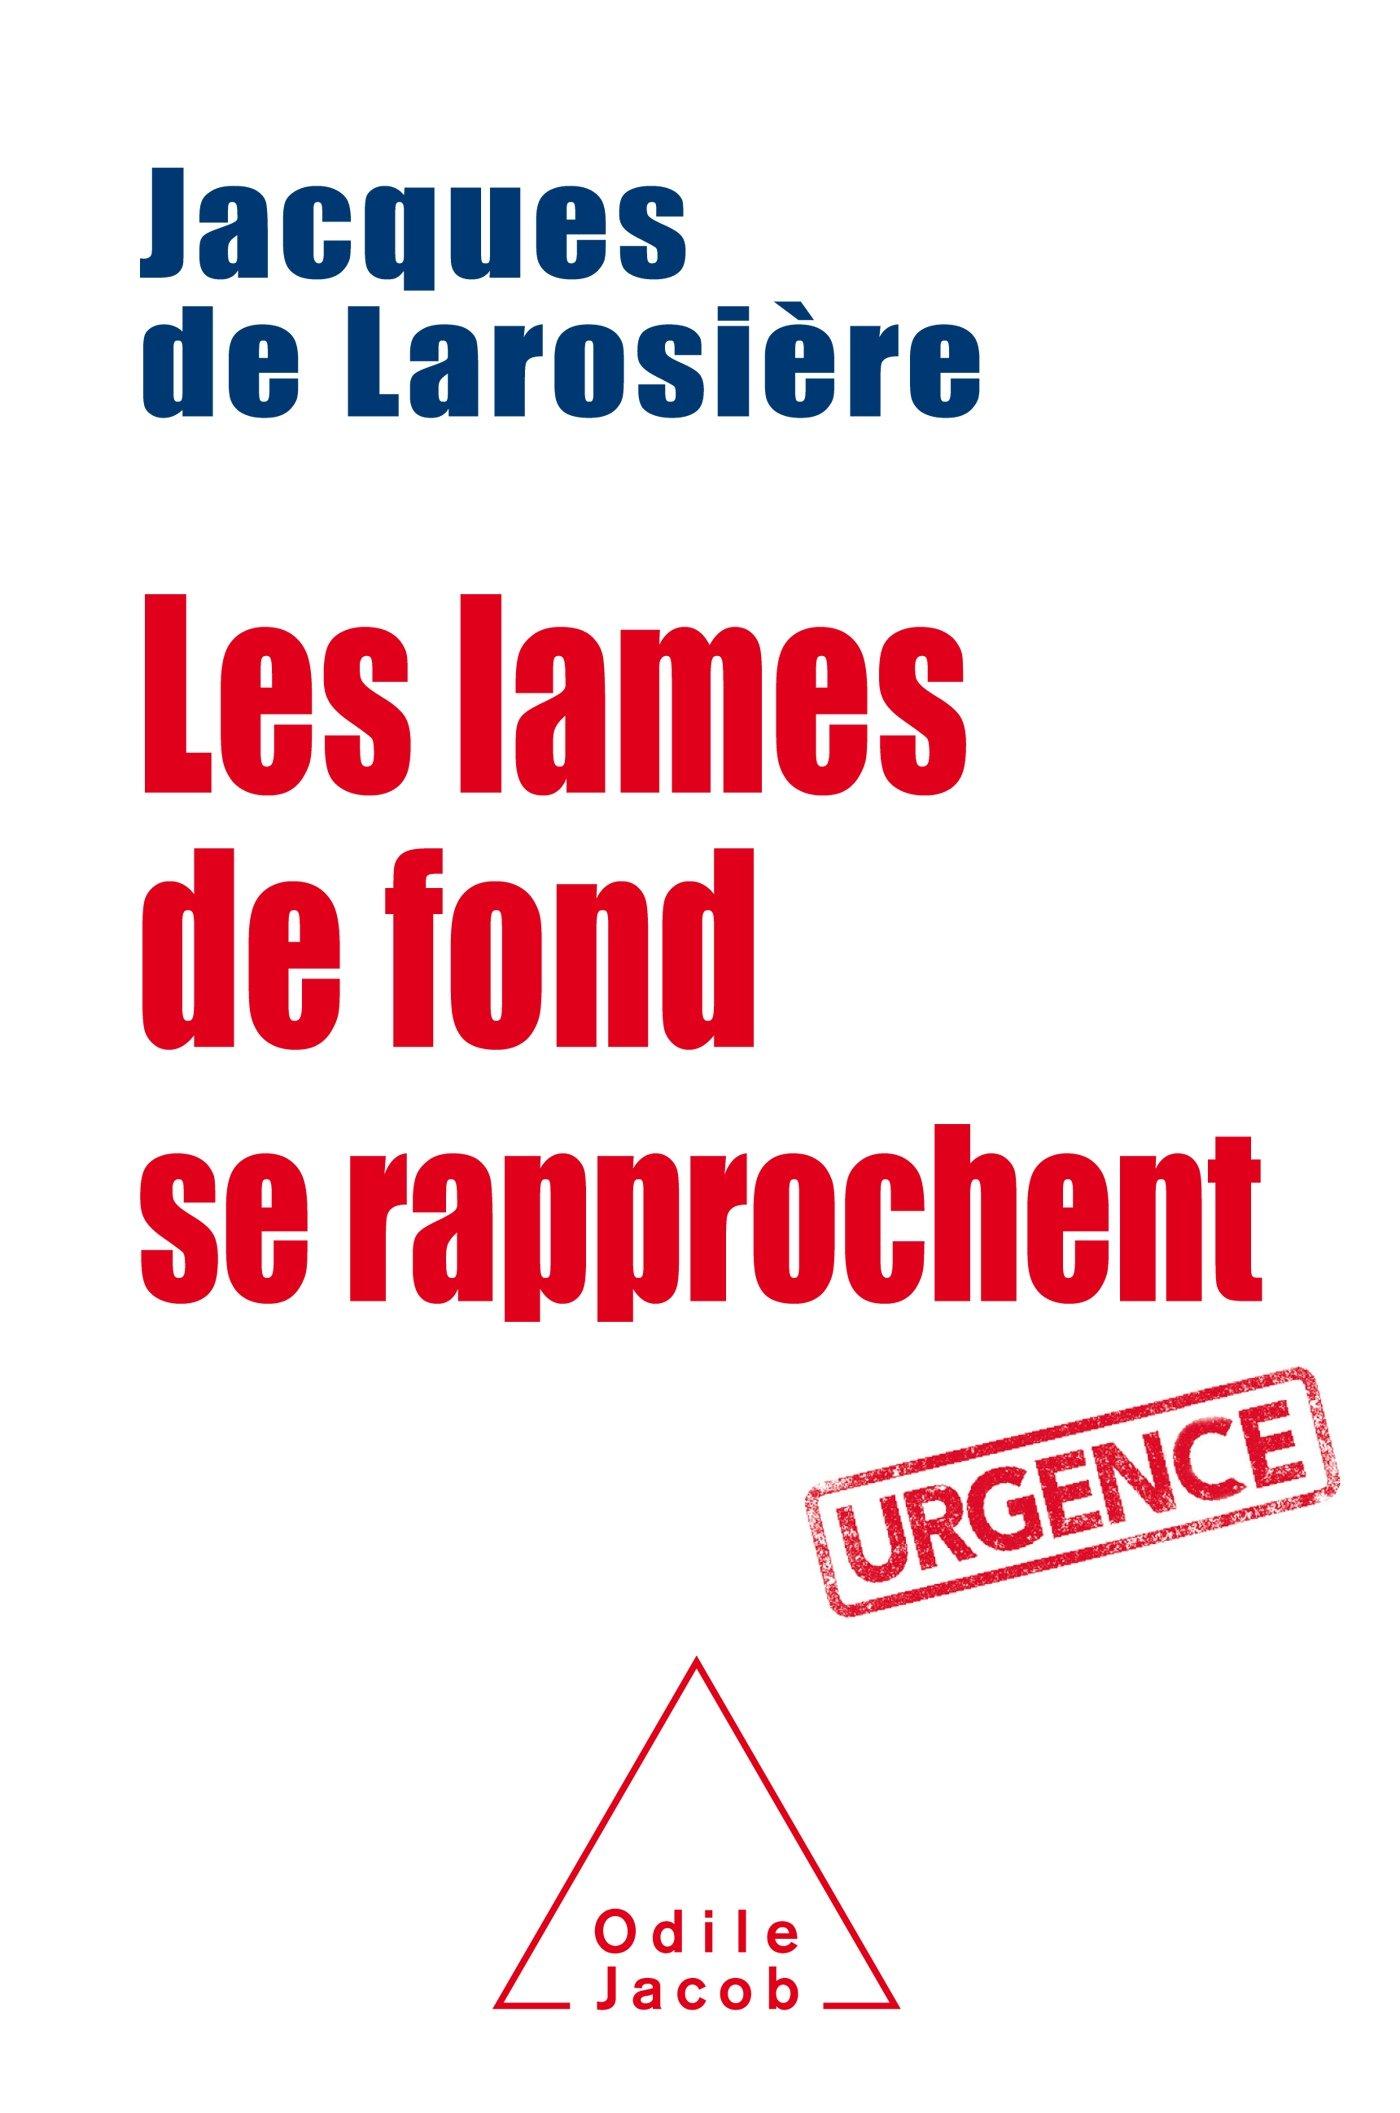 Délicieux Qu Est Ce Qu Une Lame De Fond #6: Amazon.fr - Les Lames De Fond Se Rapprochent - Jacques De Larosière - Livres